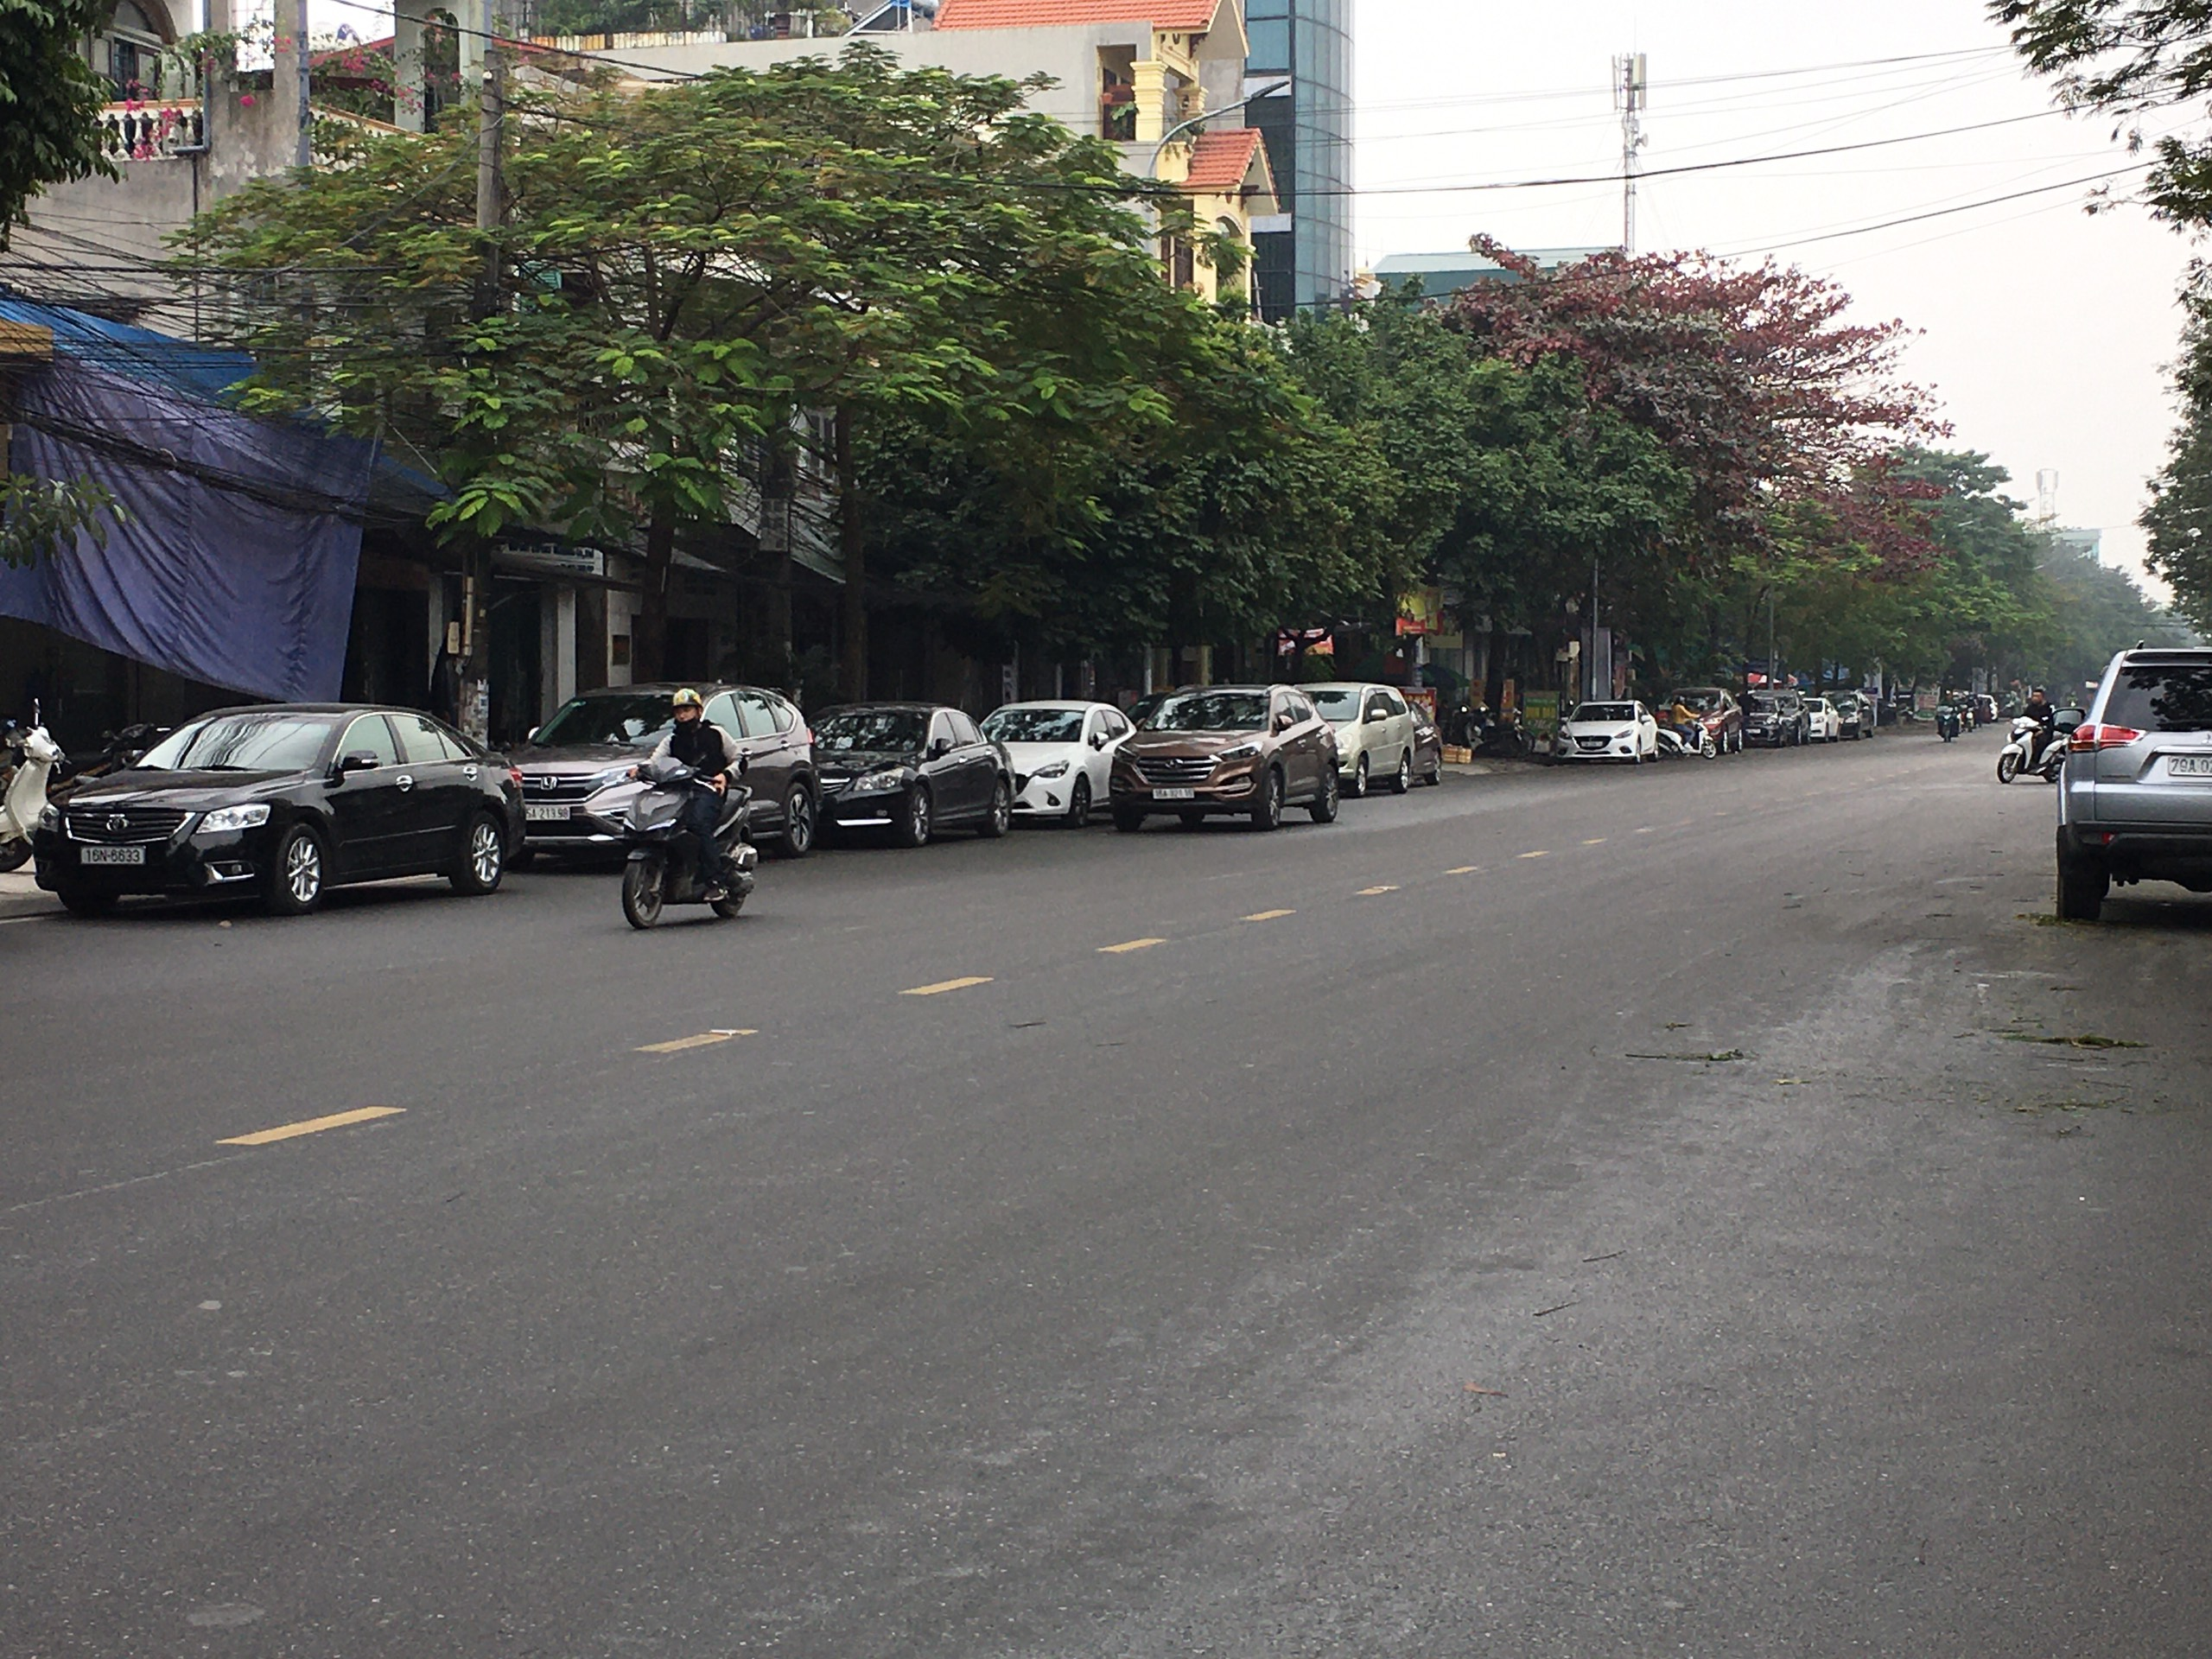 Bán nhà cấp 4 mặt đường Đà Nẵng, Hải An, Hải Phòng